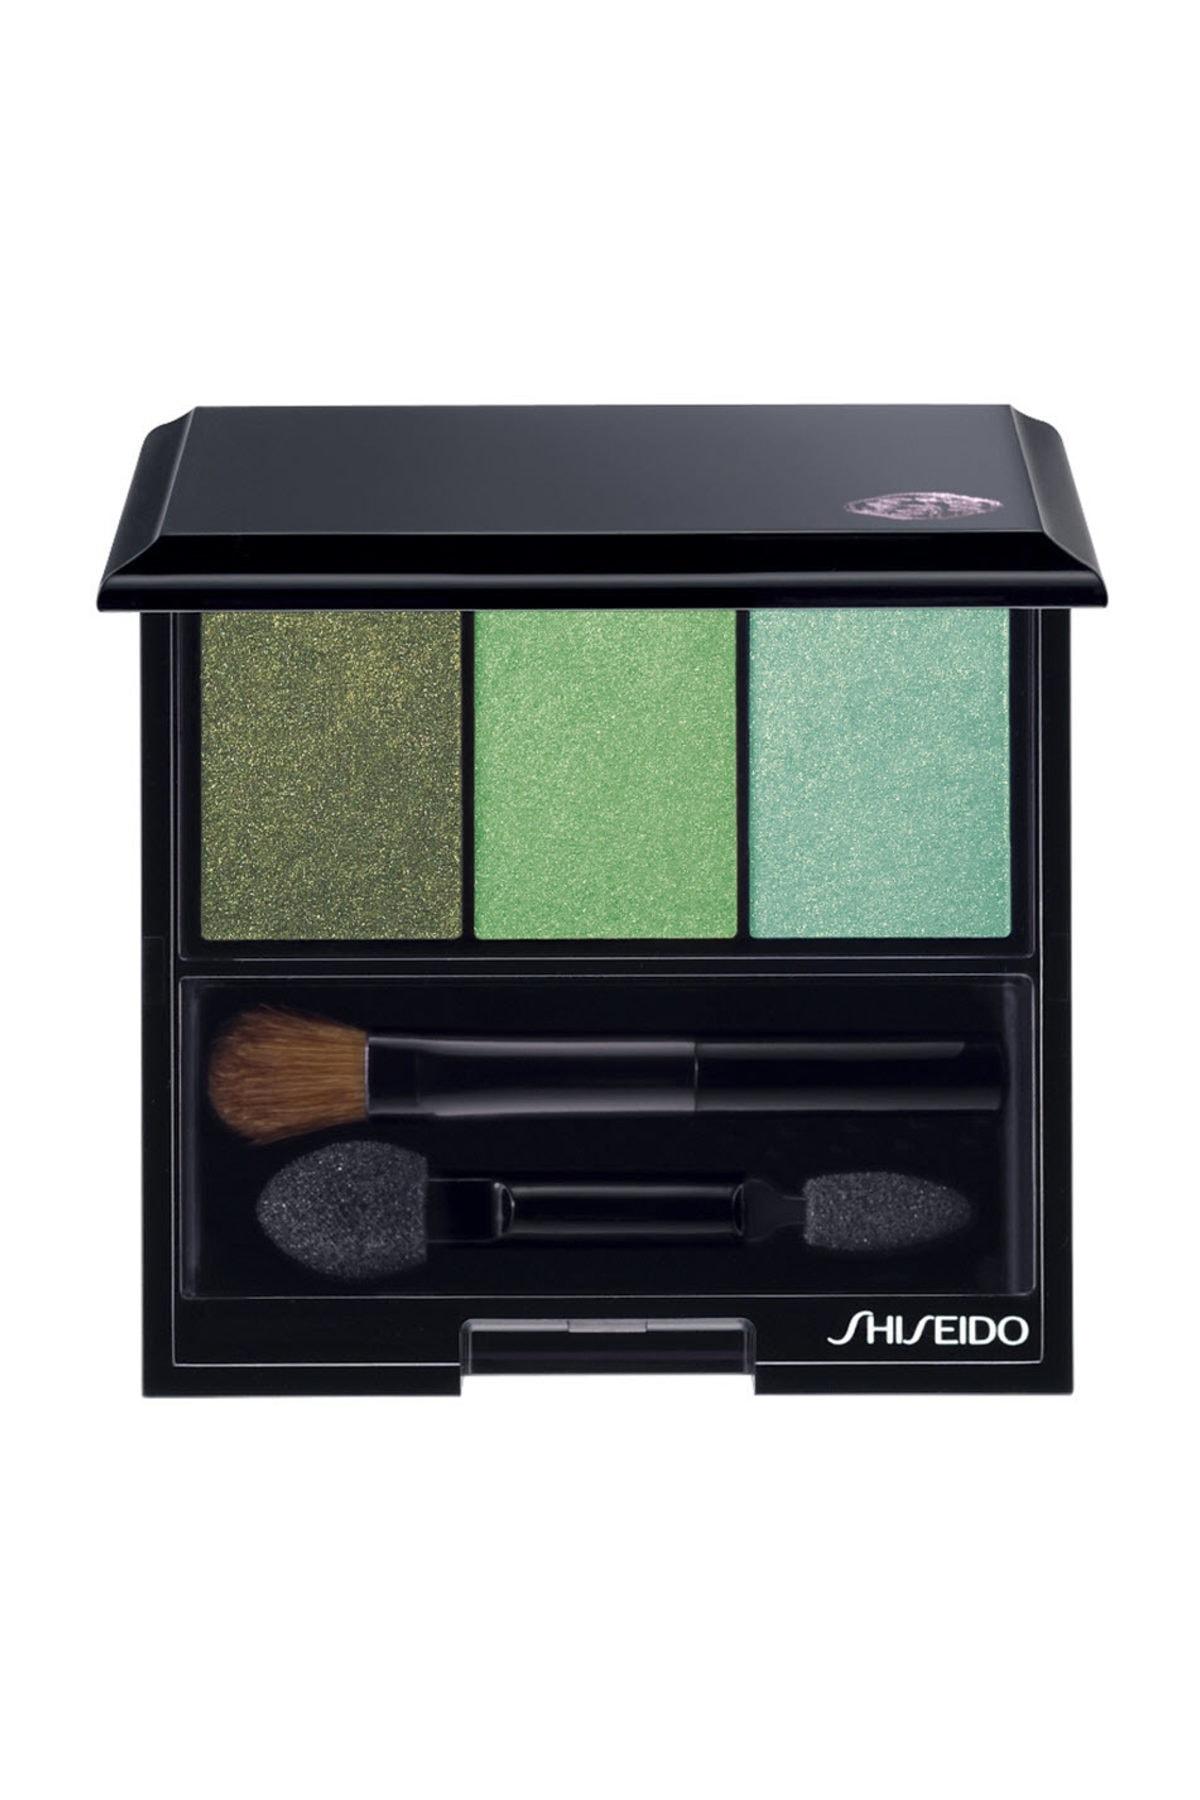 Shiseido Saten bitişli 3'lü Göz Farı - Luminizing Satin Eye Color Trio GR305 7 729238105256 1